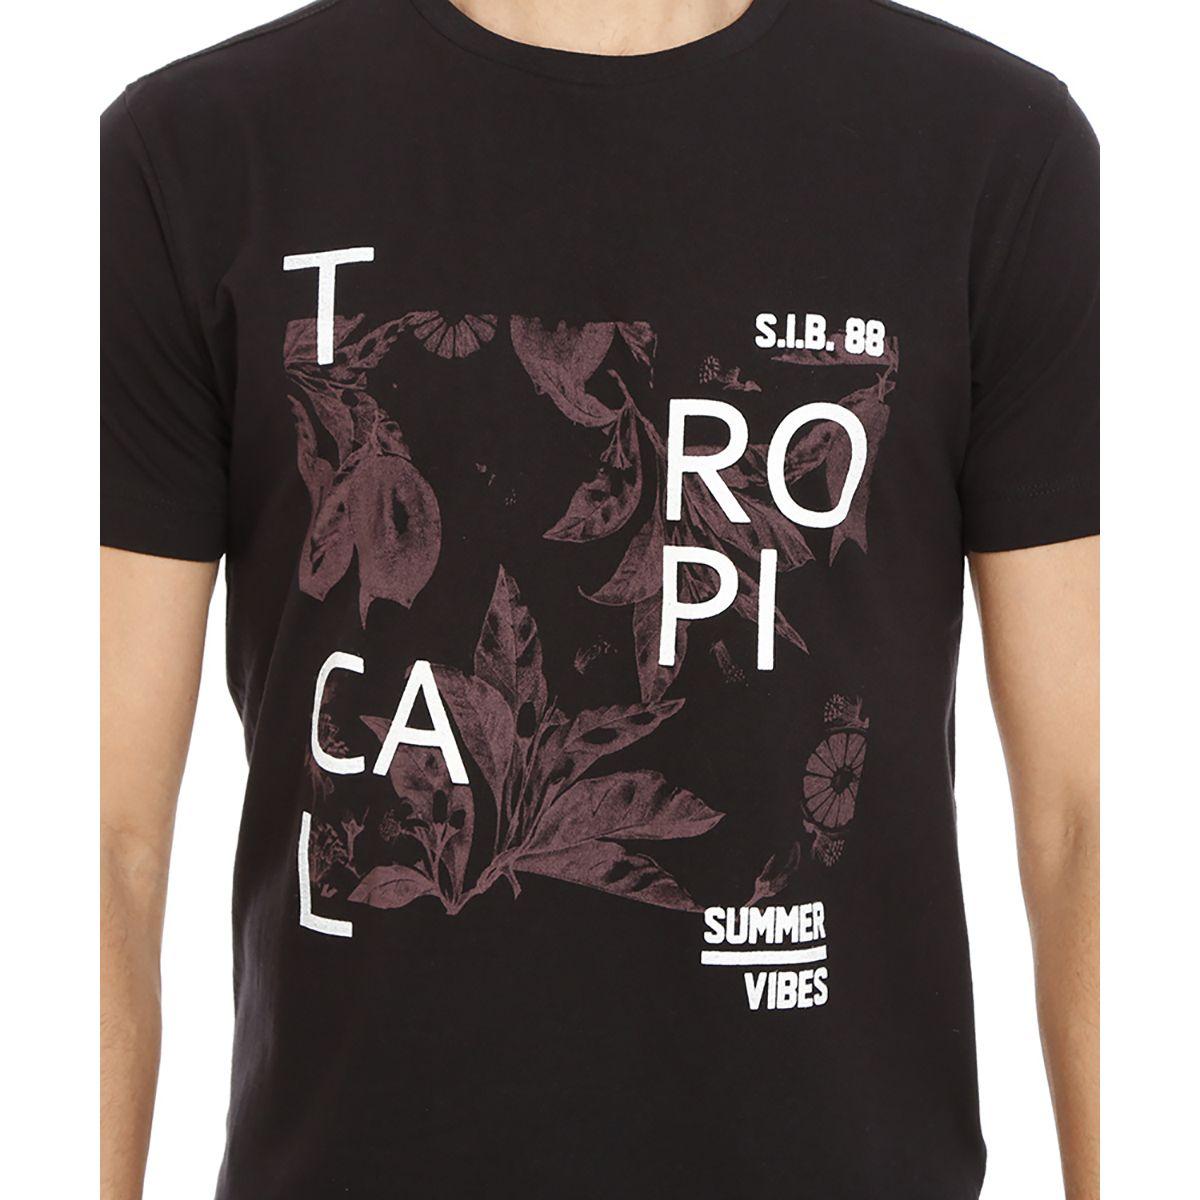 Camiseta-Gola-Careca-Estampada-Preto